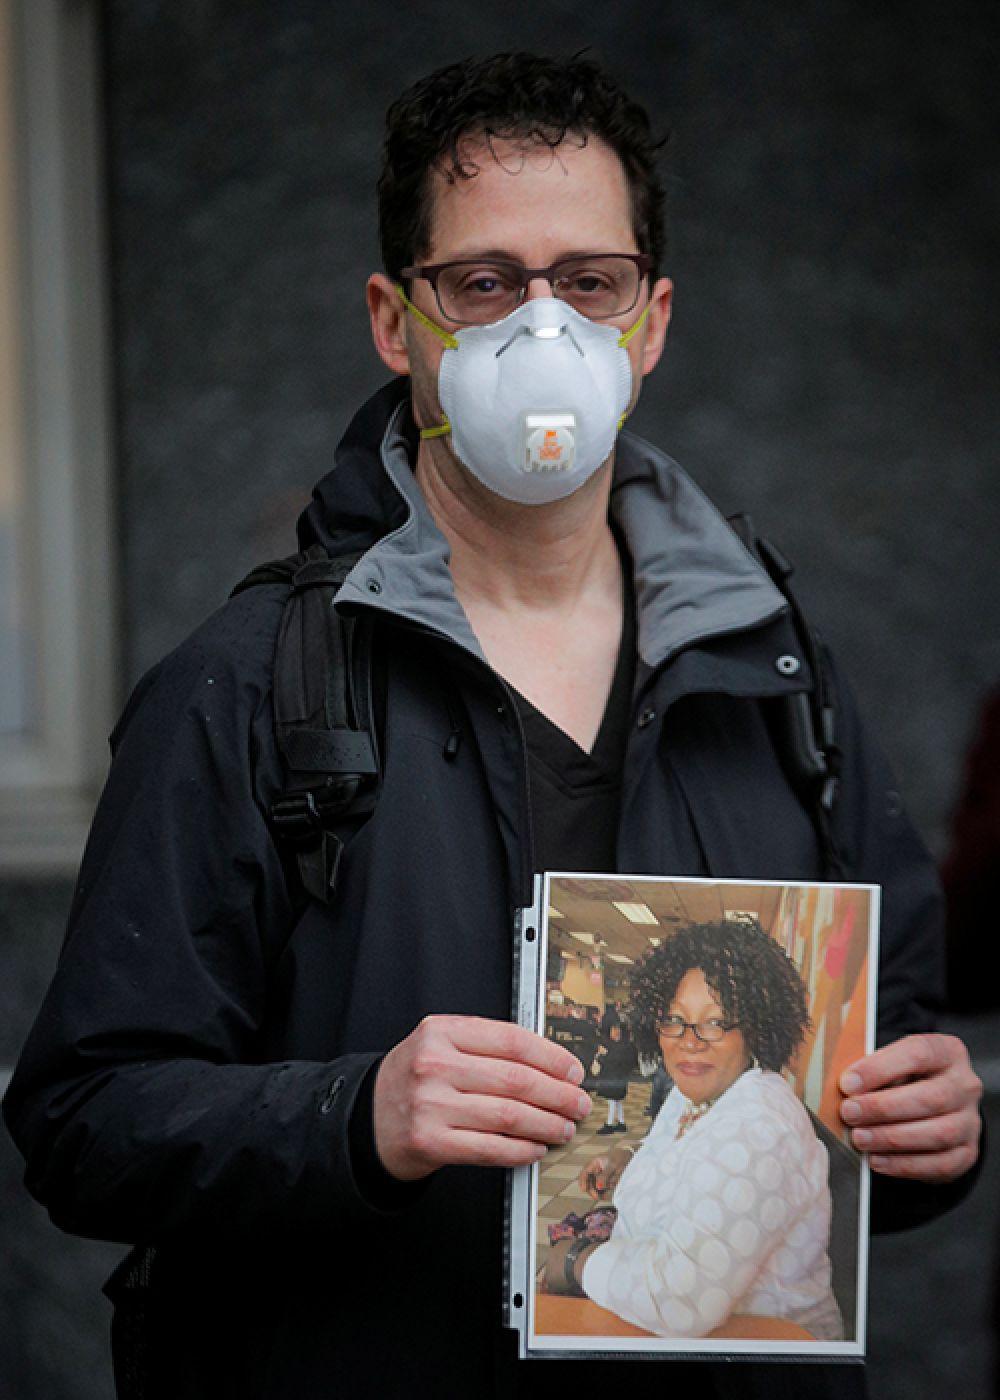 Тед Левайн, США. Работник больницы Маунт-Синай в Нью-Йорке. Он держит в руках фотографию своей коллеги, Феды Окран, медсестры, которая умерла от COVID-19.